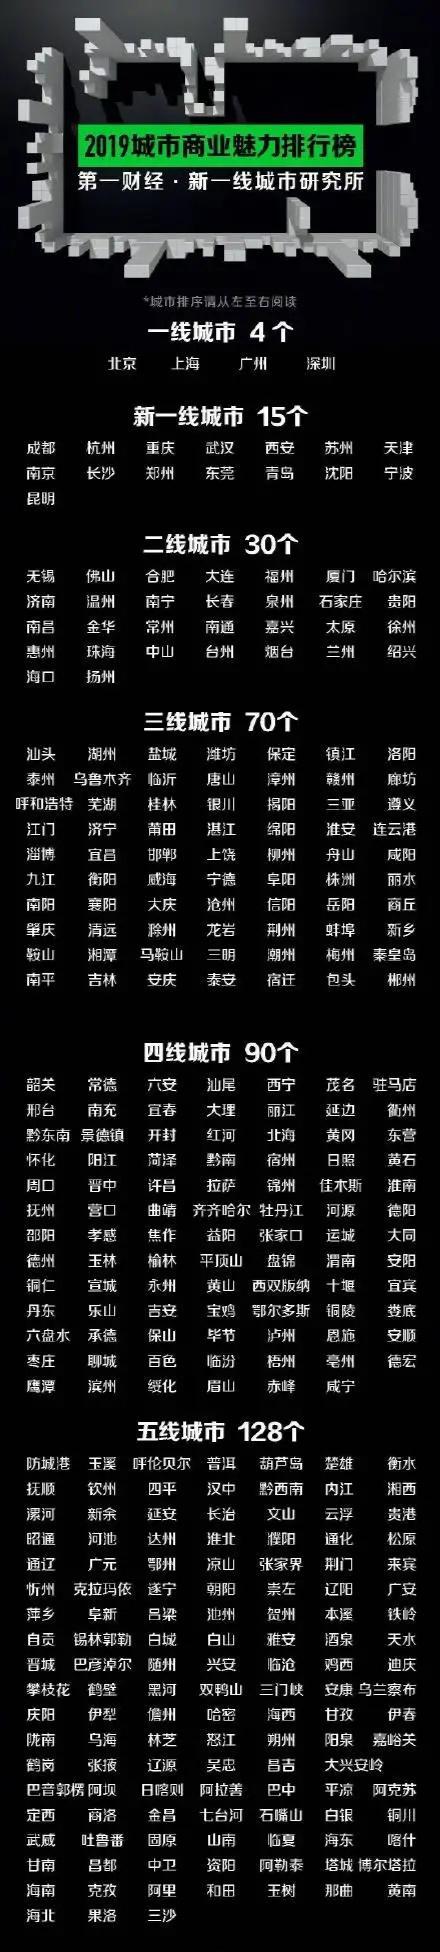 2019年新一线城市名单出炉,武汉排名第四,郑州排名前十